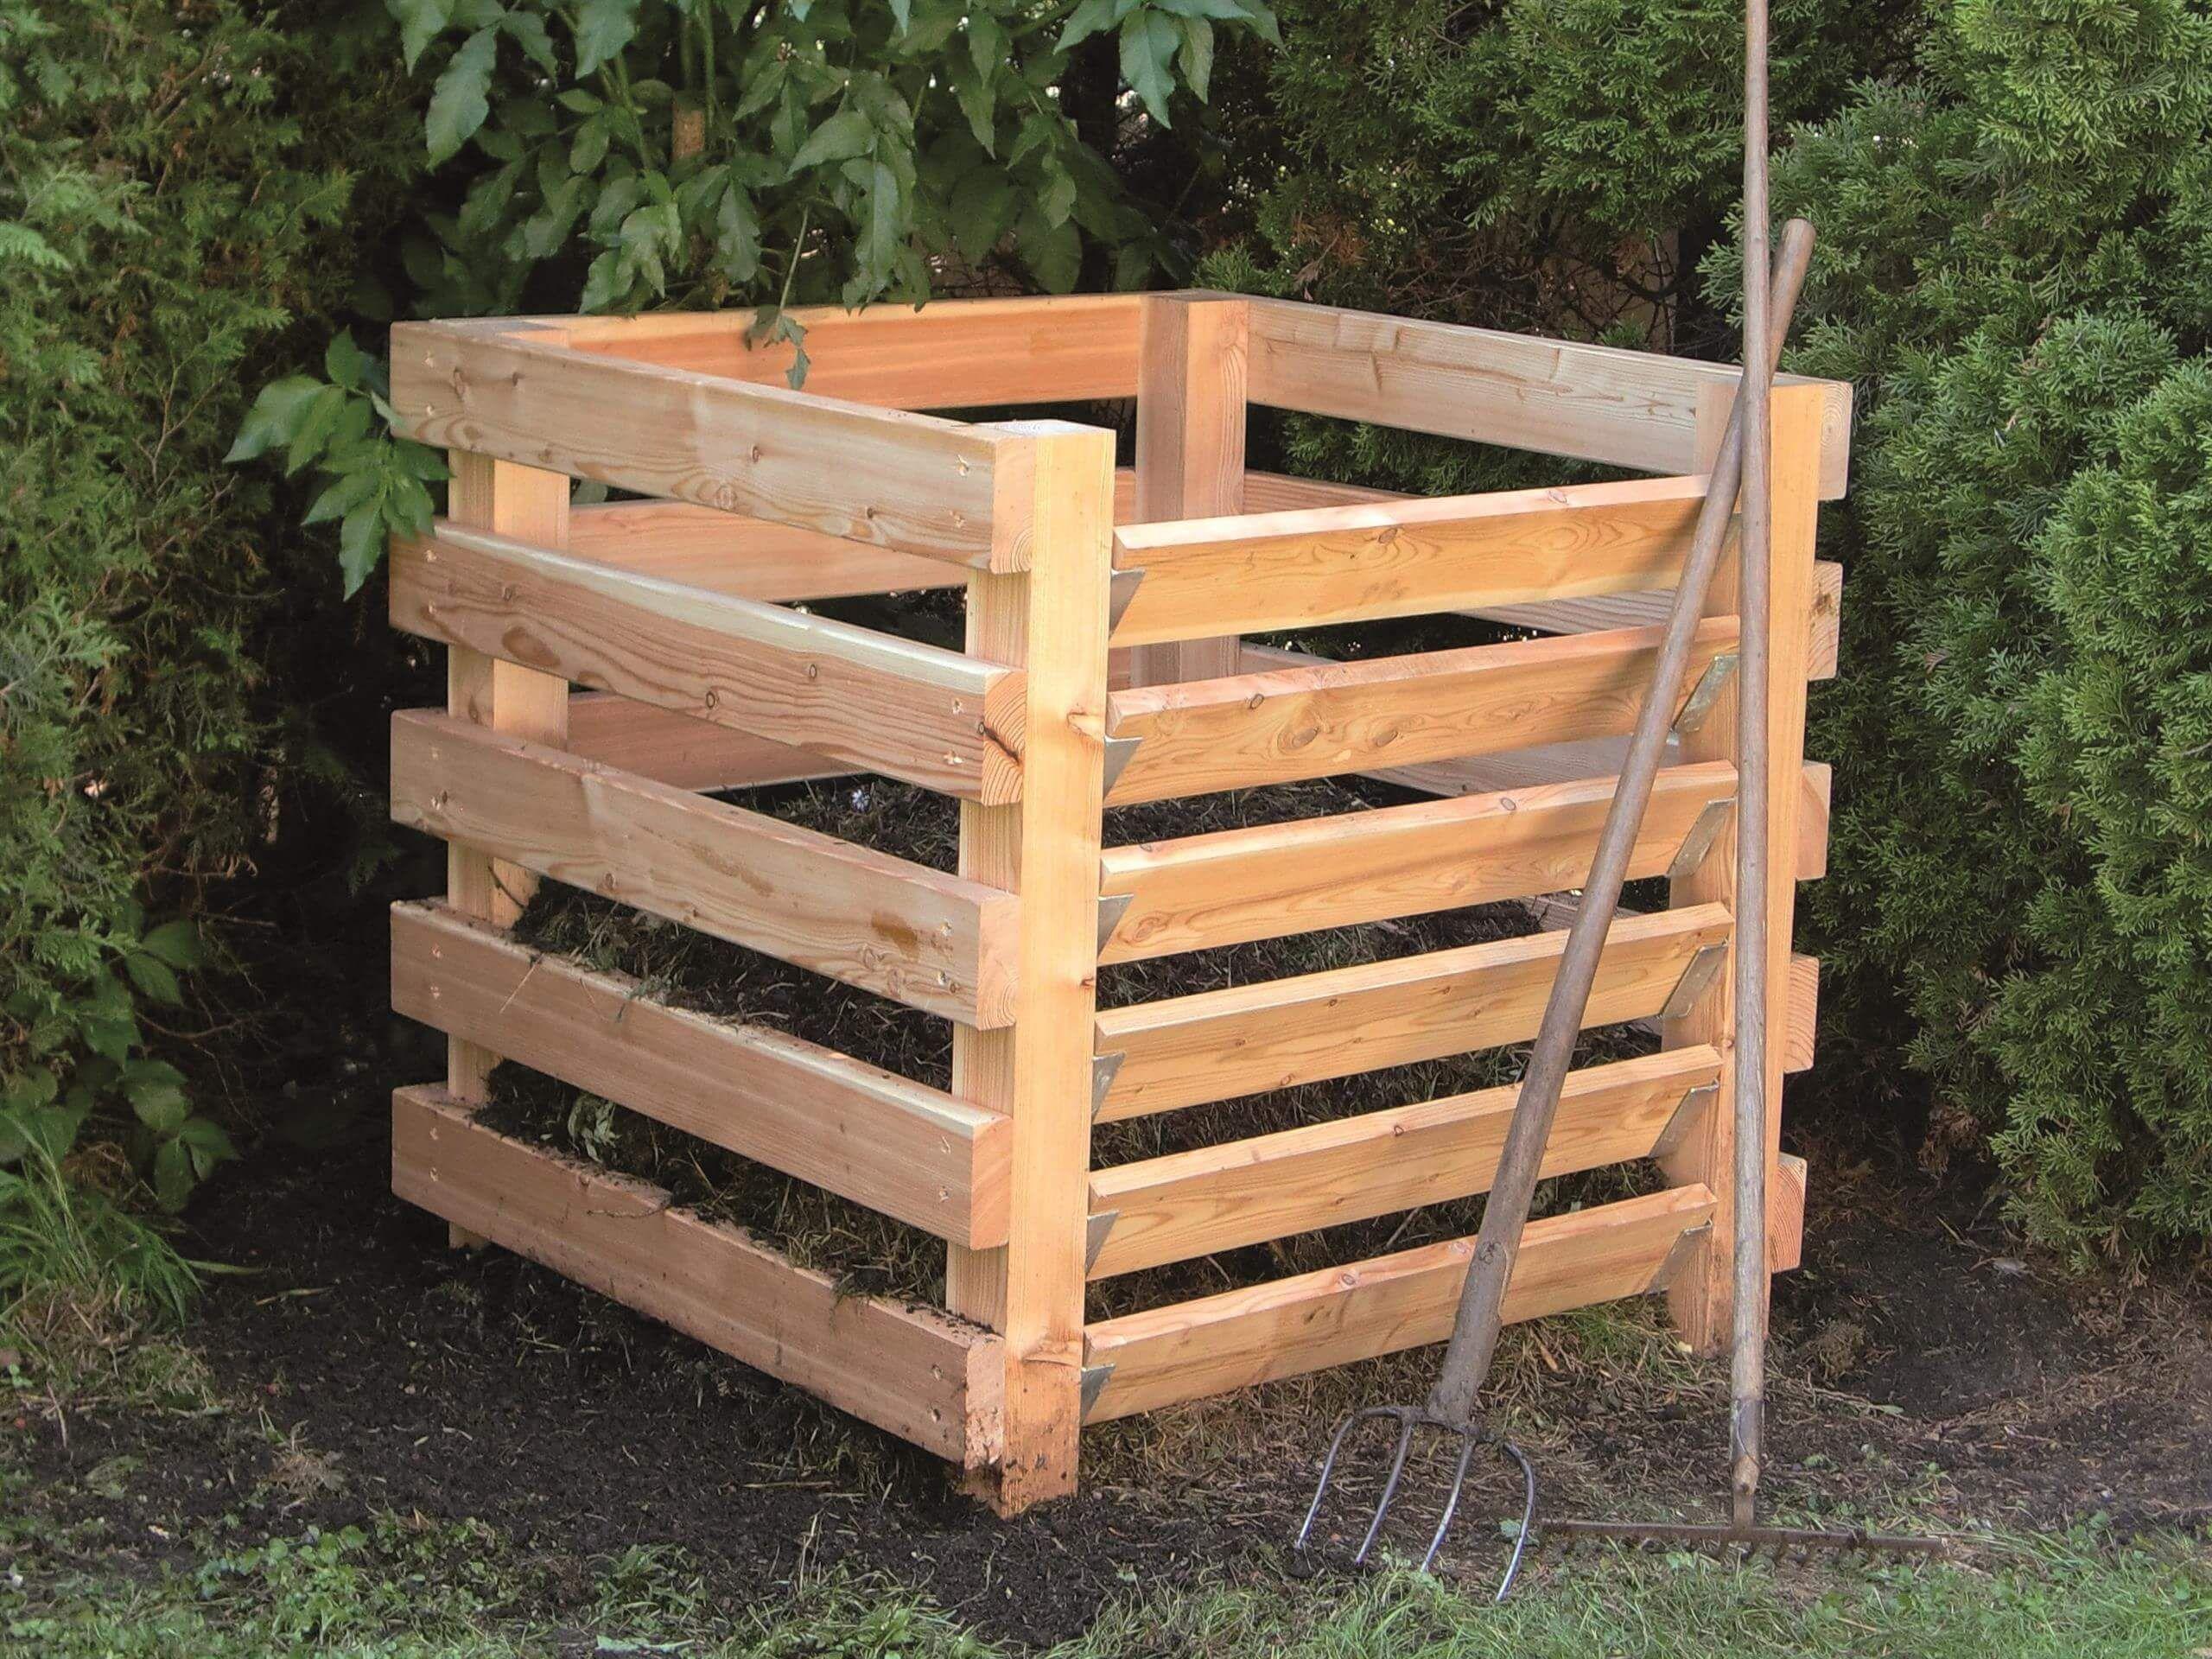 Einfachkomposter Verwertung Von Gartenabfallen Silberholz Kompost Komposter Holz Gartenabfall